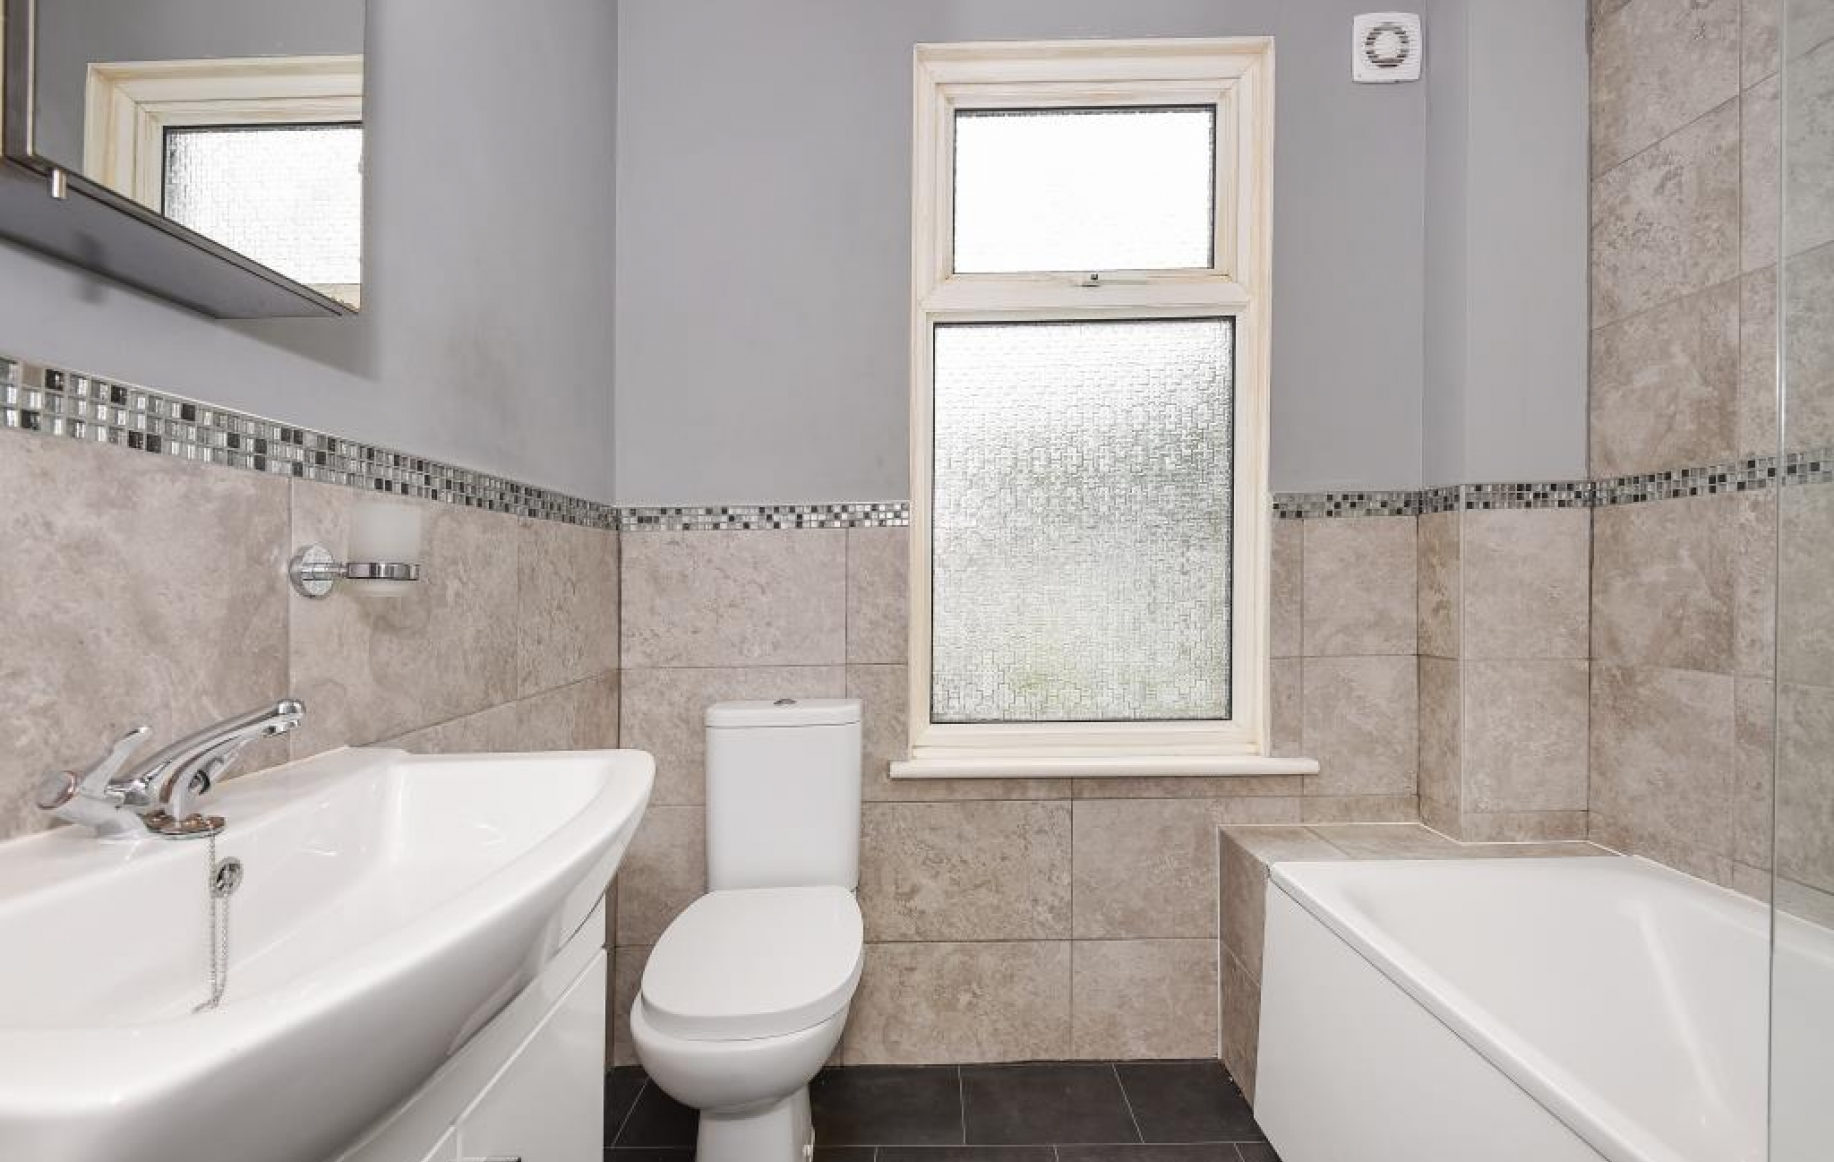 1946 yellow and grey tile bathroom - Bathroom